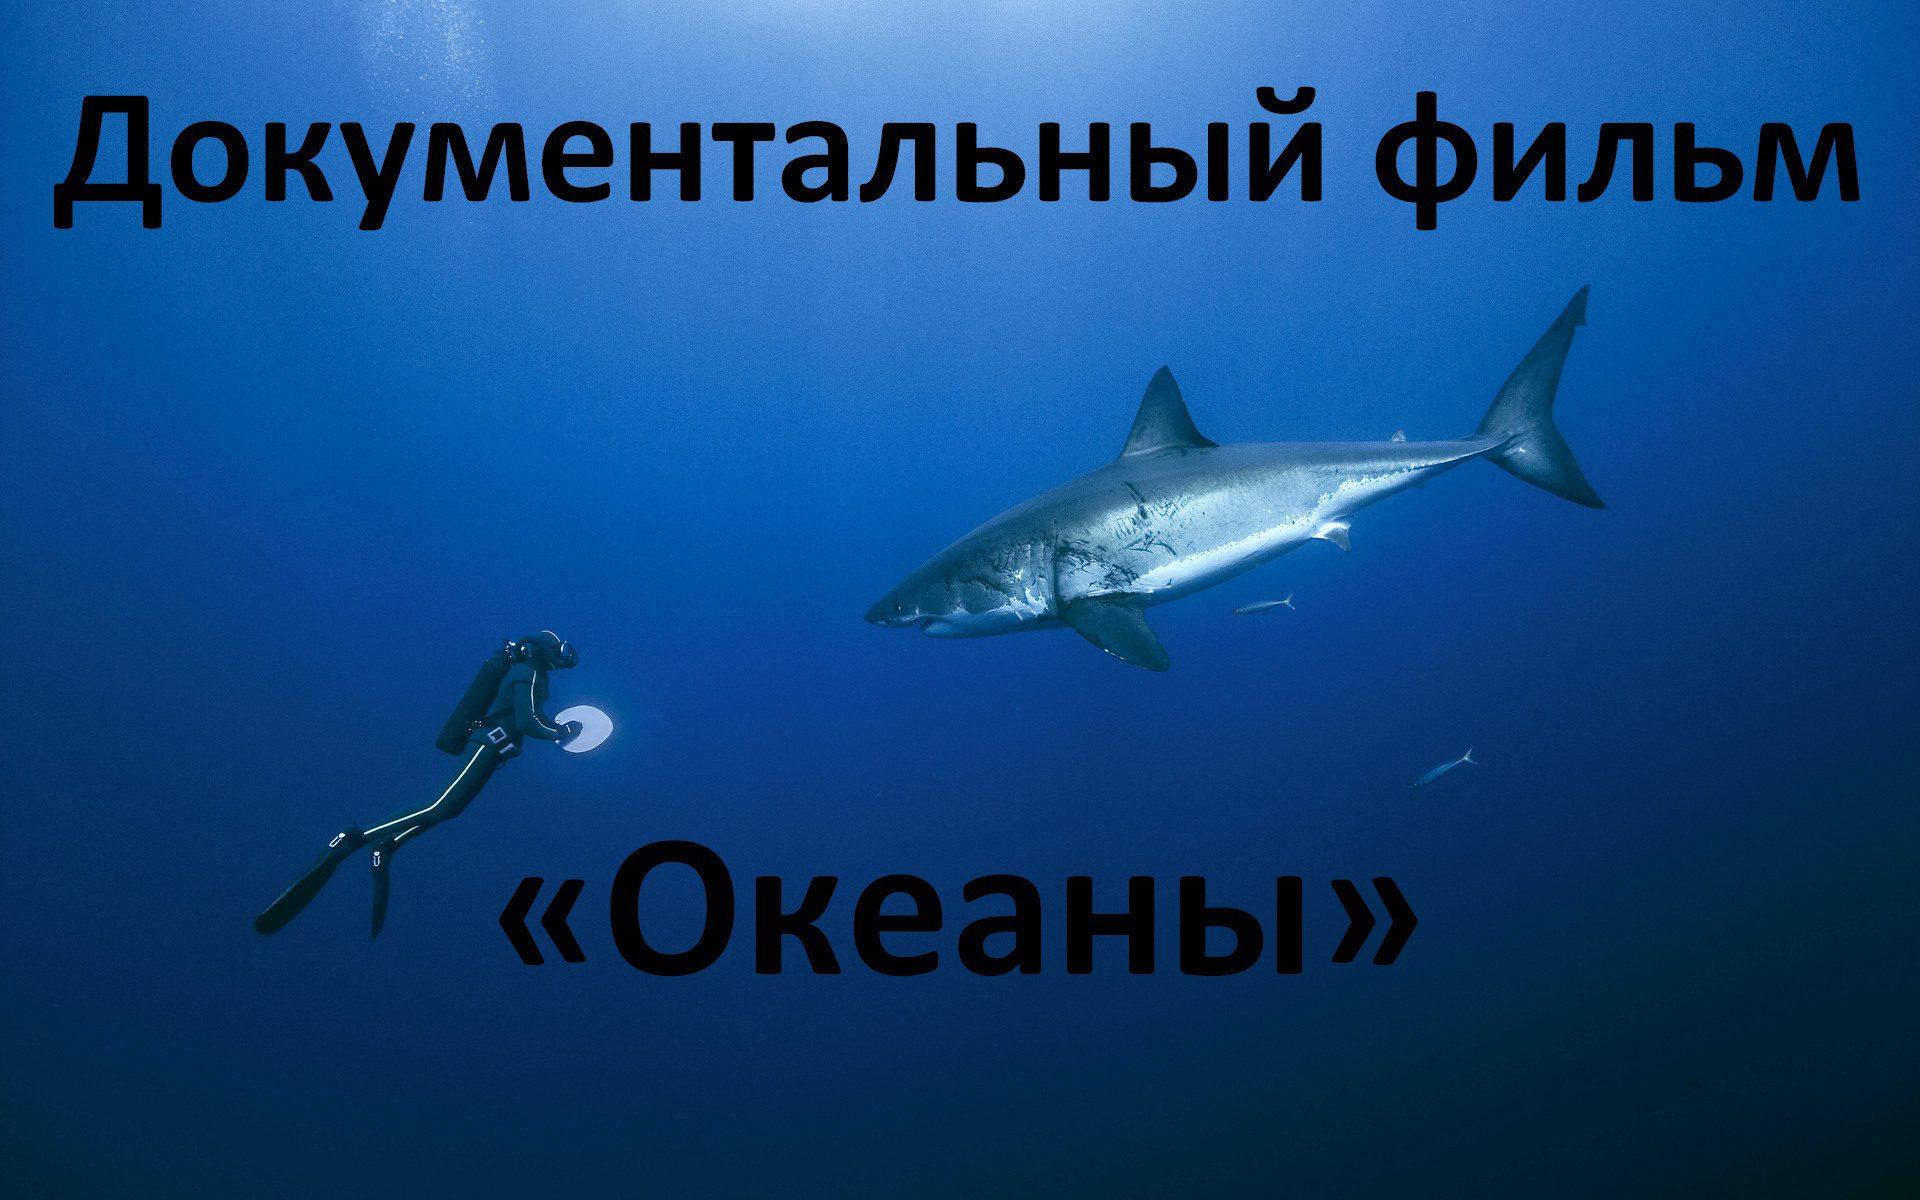 Документальный фильм «Океаны»